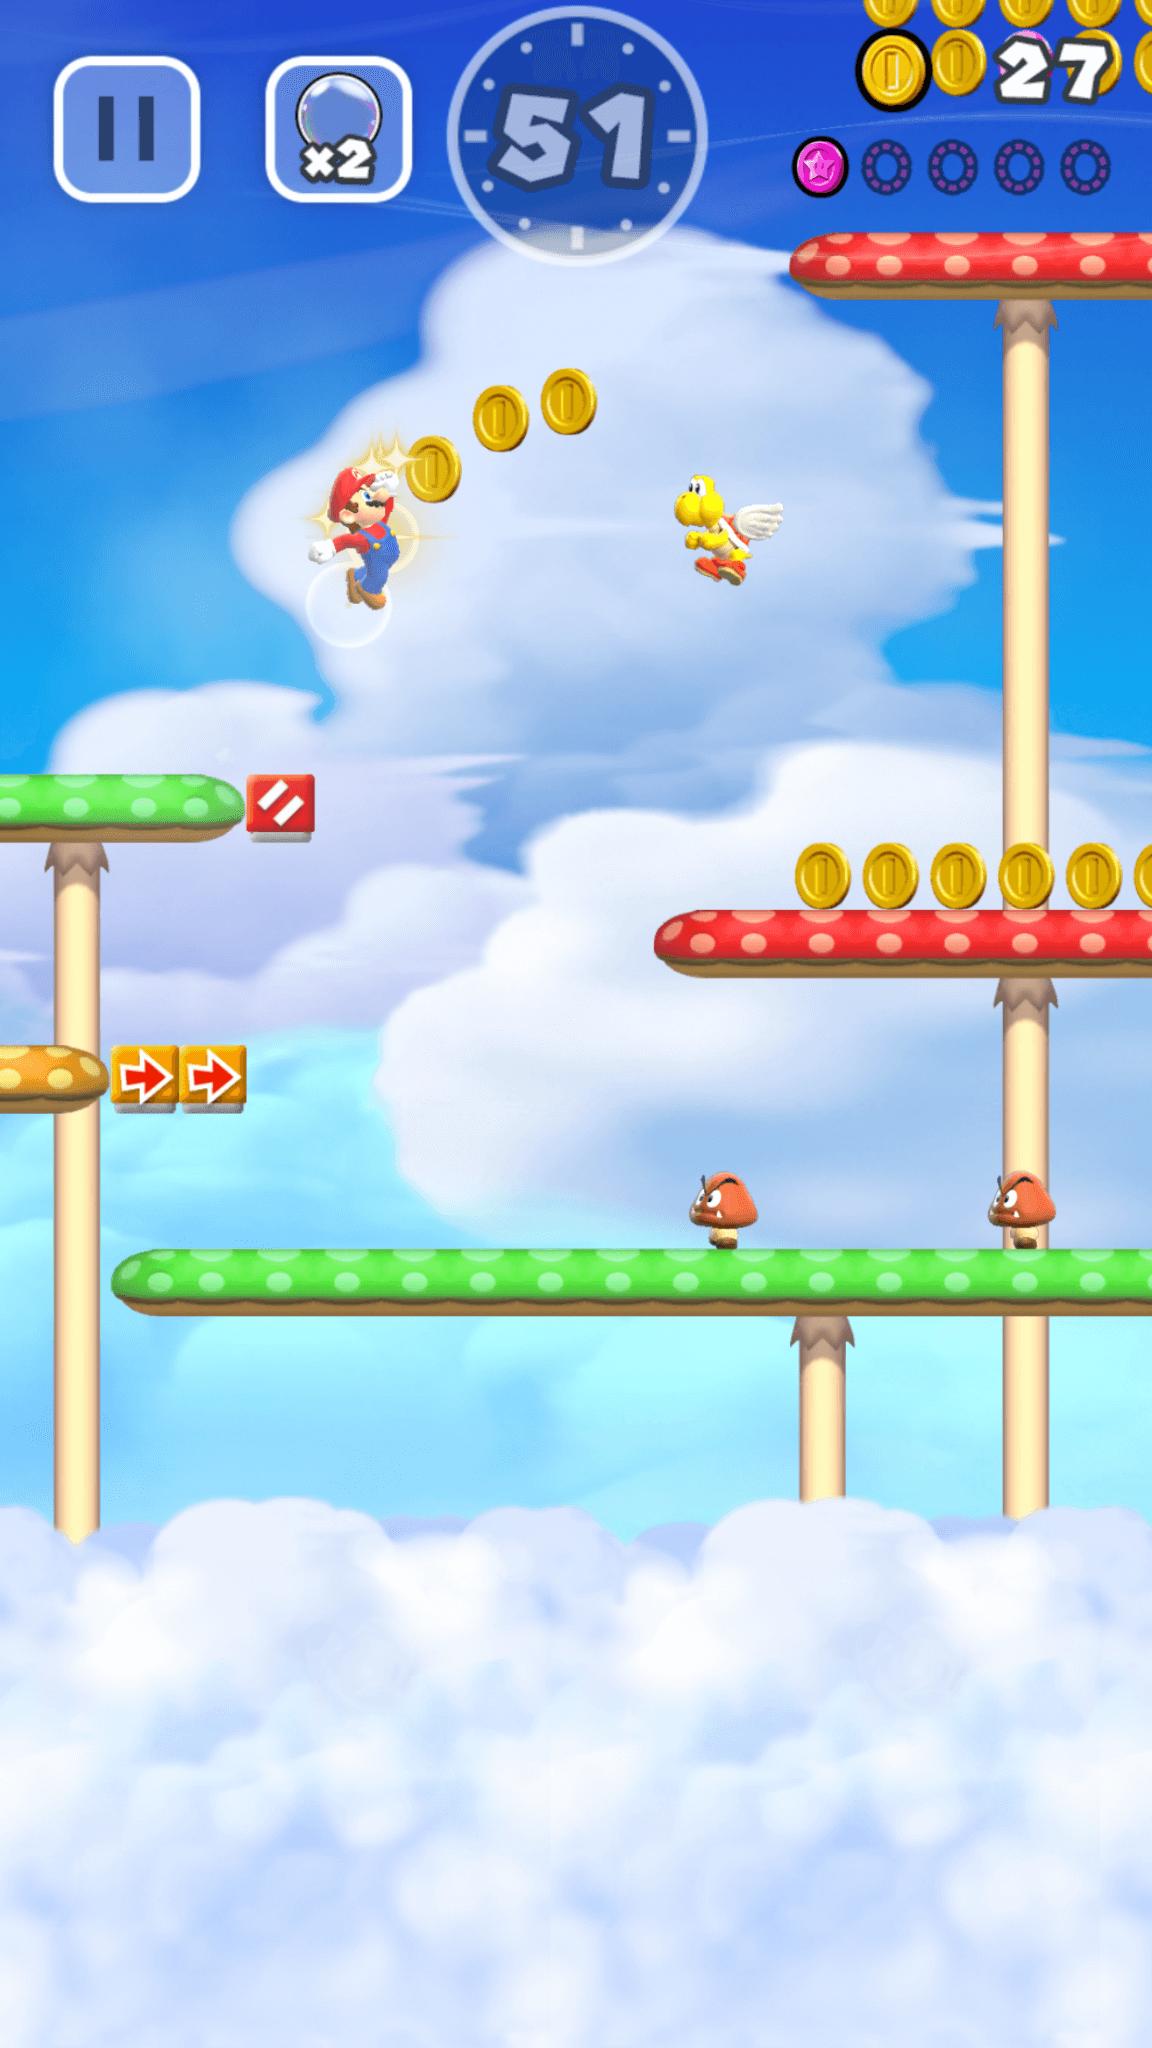 Super Mario Run: Ist es ein Vogel? Ist ein Flugzeug? Nein, es ist Super Mario! (Bildrechte: Nintendo)